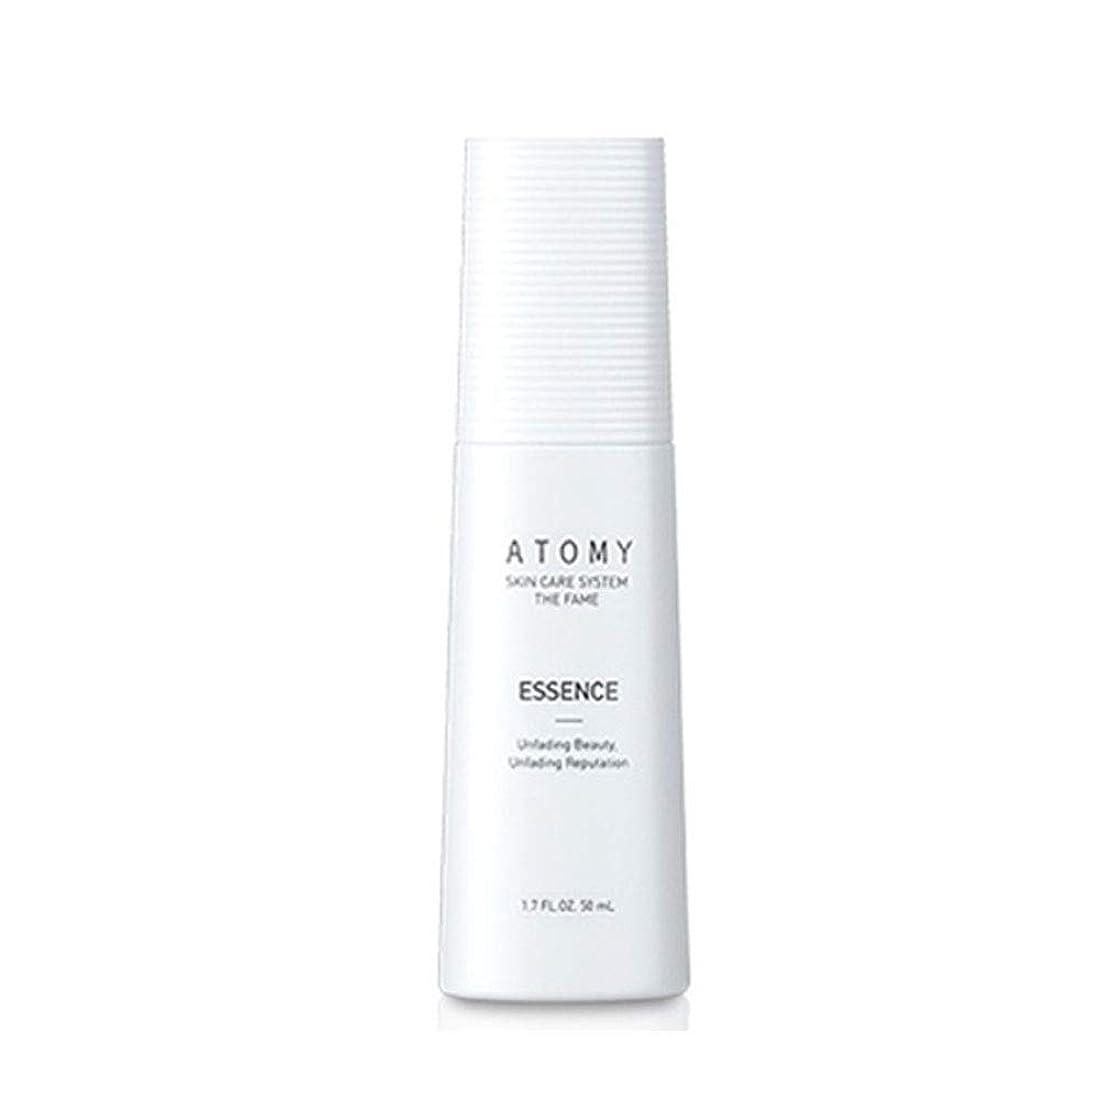 平均タイピスト逸脱アトミザ?フェームエッセンス50ml韓国コスメ、Atomy The Fame Essence 50ml Korean Cosmetics [並行輸入品]